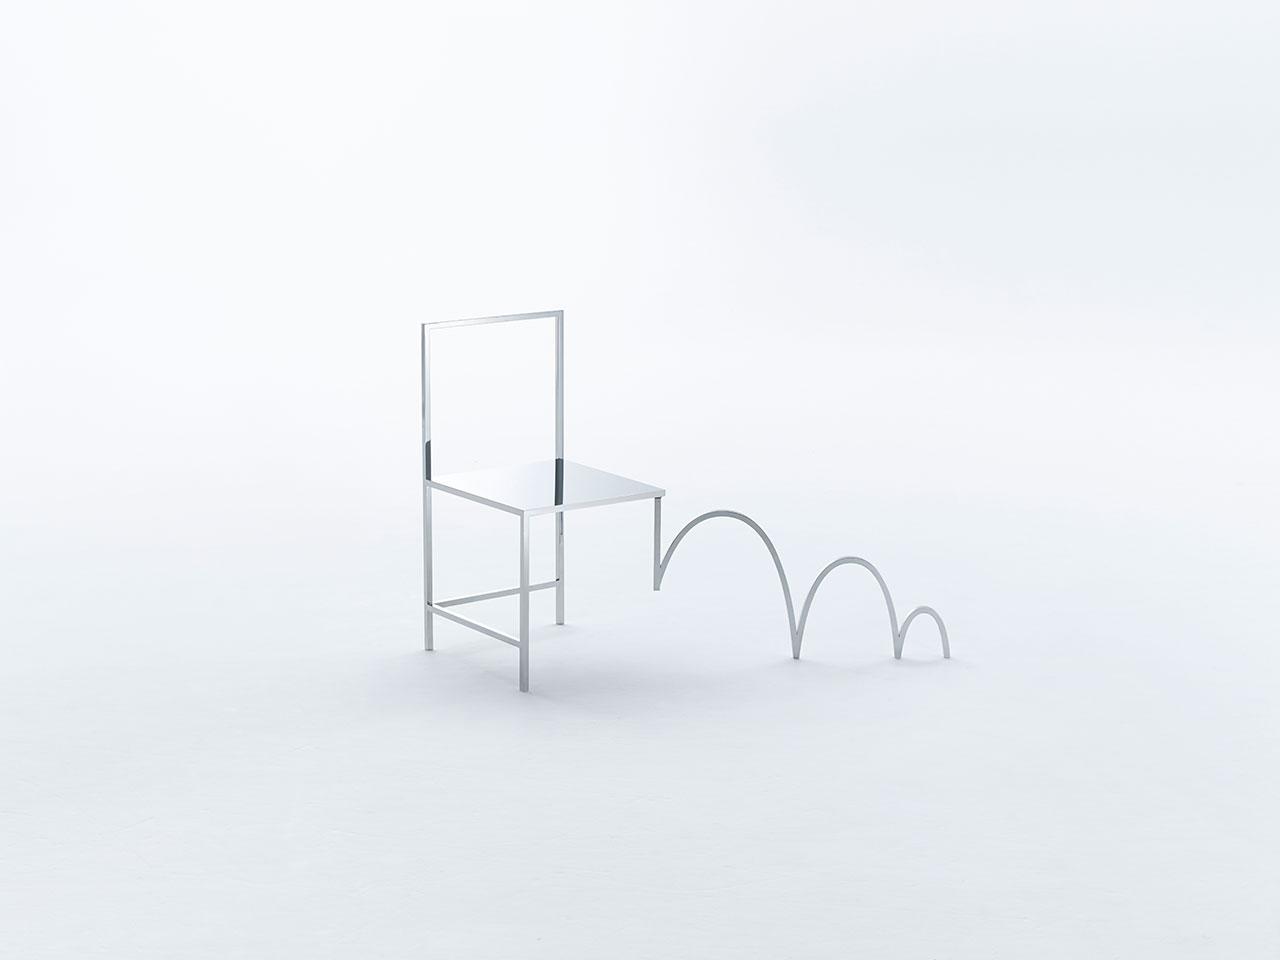 f16_50_manga_chairs_nendo_for_friedman_benda_photo_kenichi_sonehara_yatzer